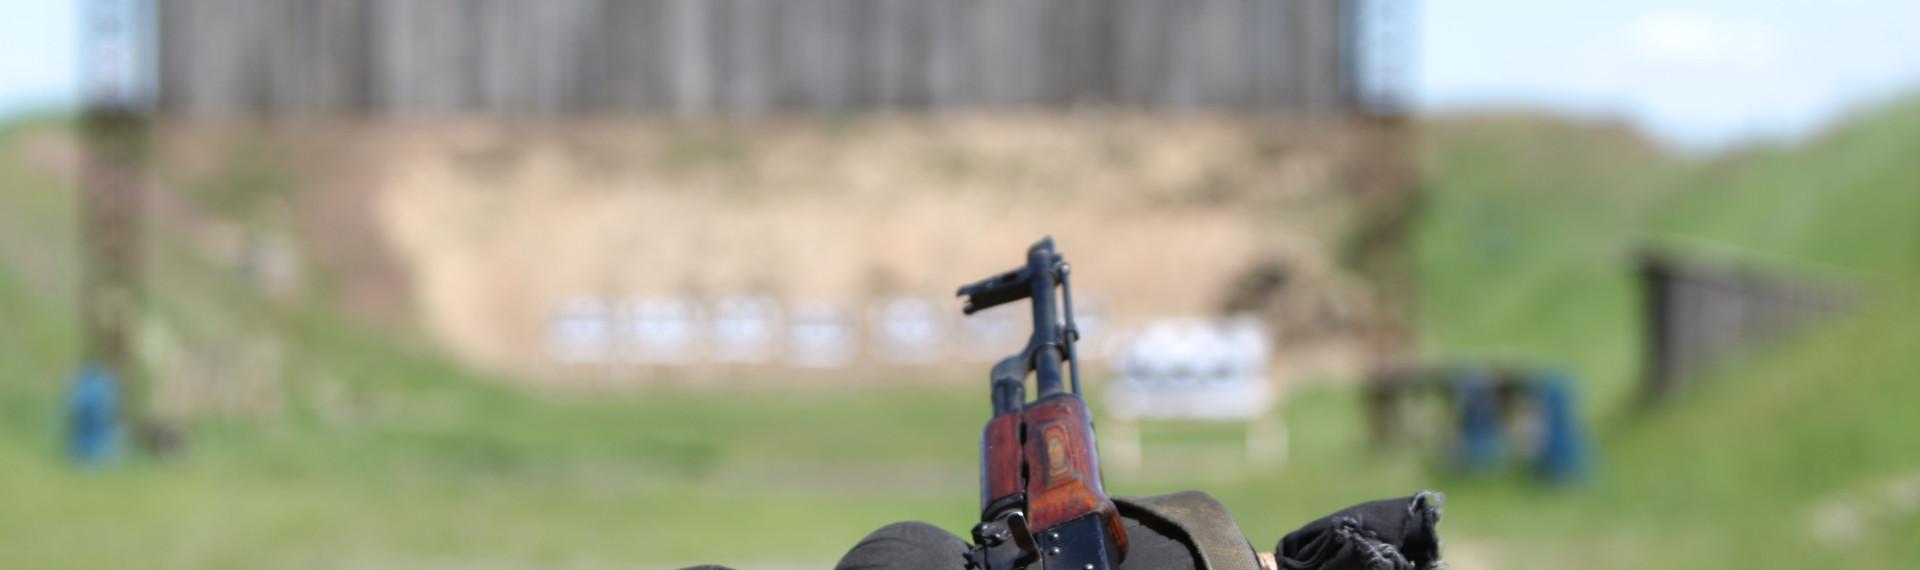 Schwere Waffen Schießen Prag